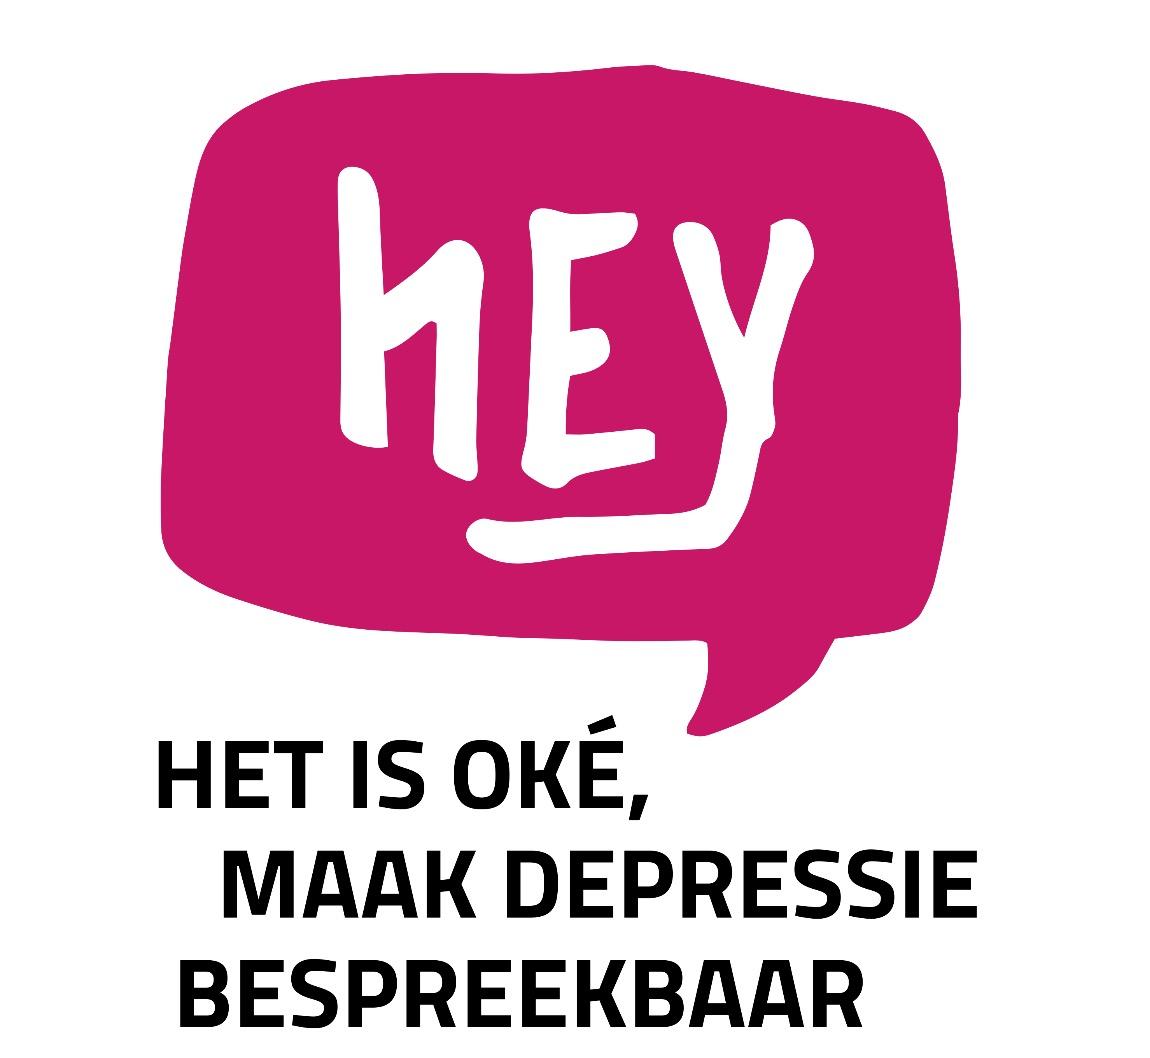 Depressie? Hey! Het is oké